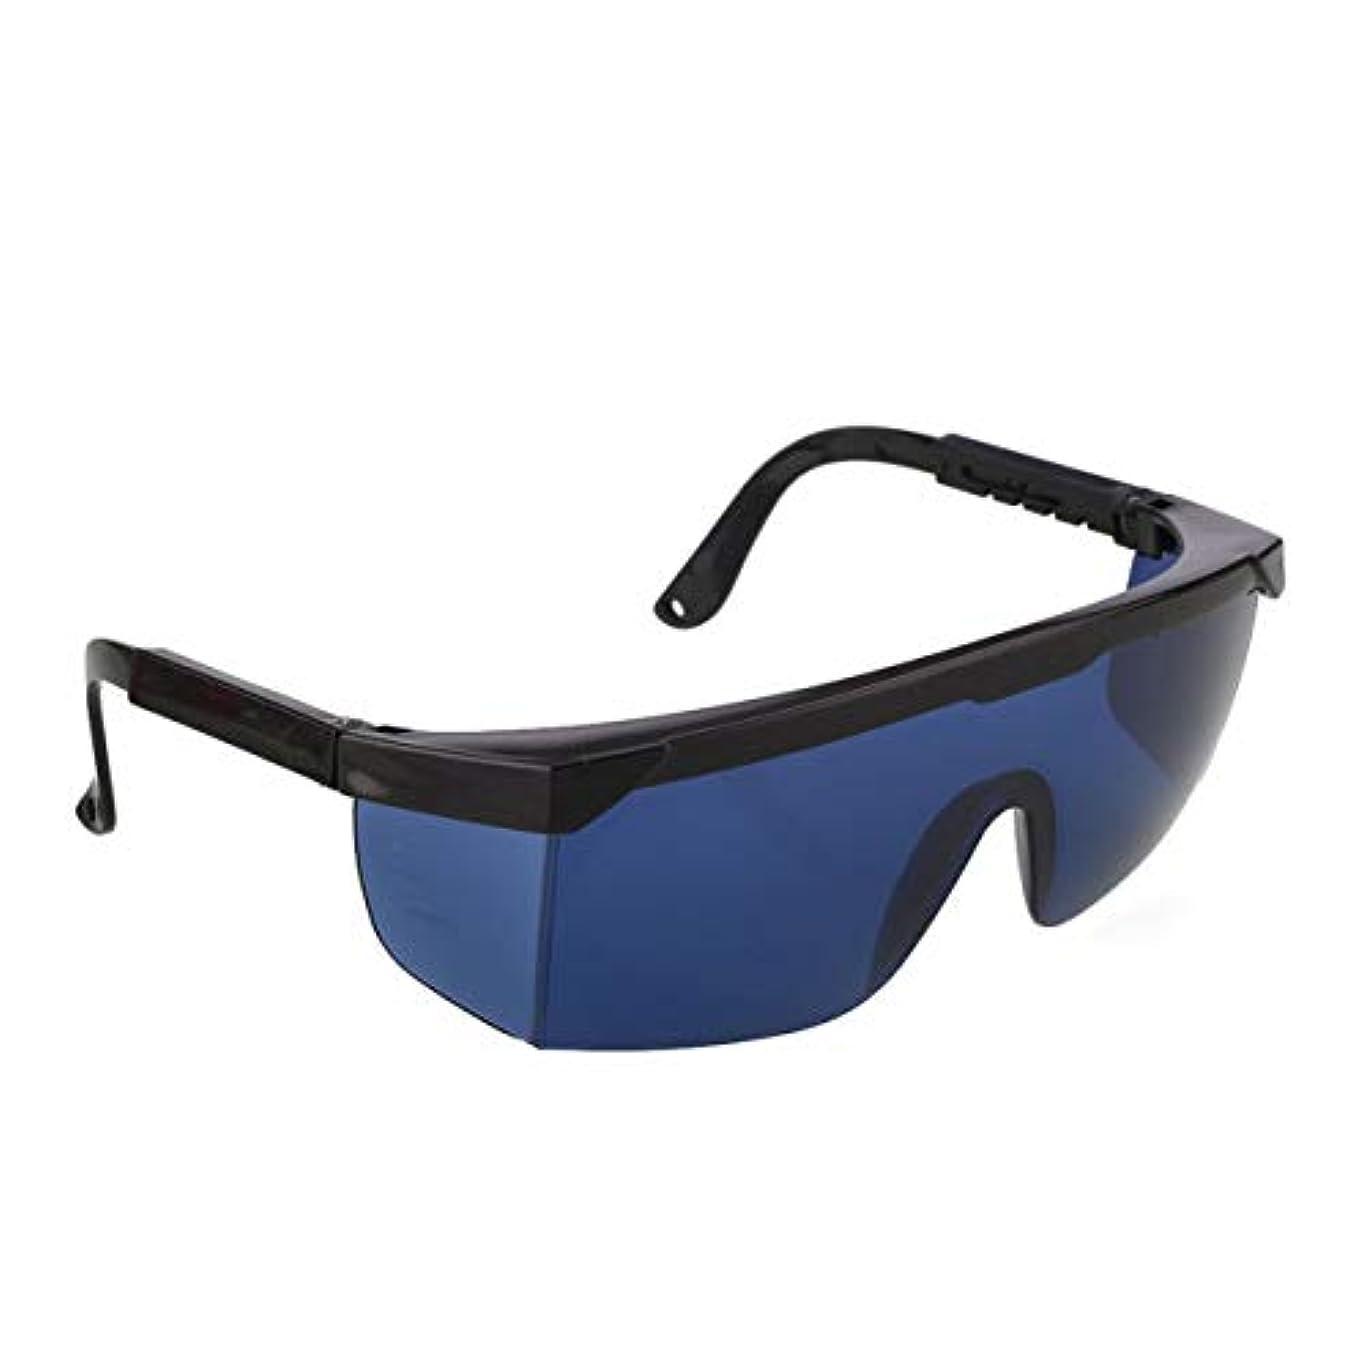 漏れ覚醒ギネスSaikogoods 除毛クリーム ポイント脱毛保護メガネユニバーサルゴーグル眼鏡を凍結IPL/E-光OPTのためのレーザー保護メガネ 青